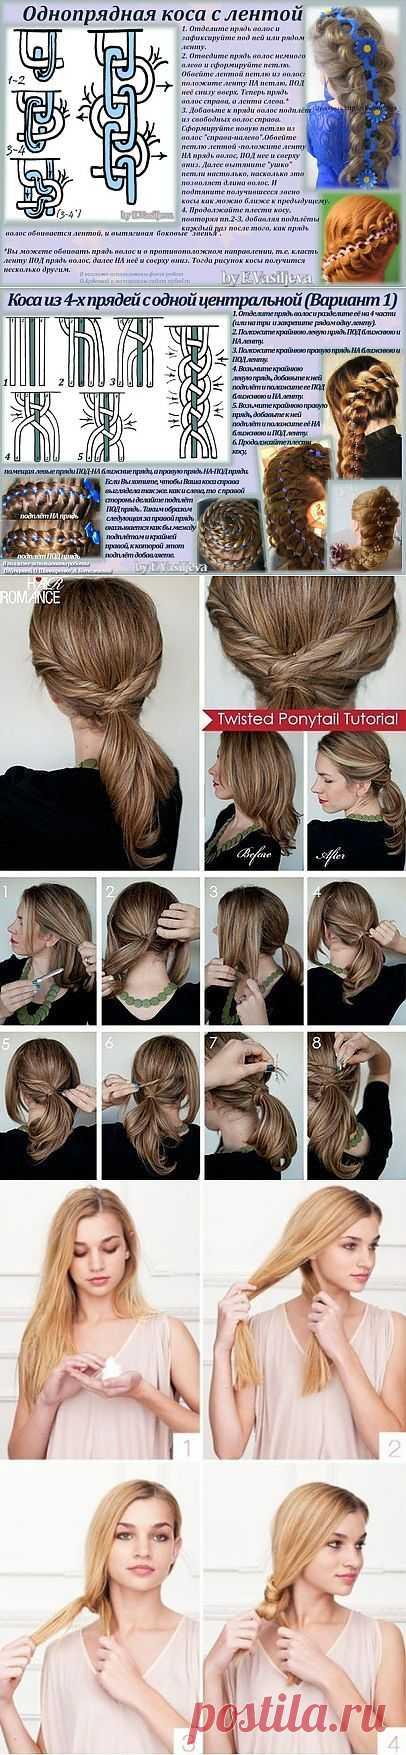 Заплетаем косы (подборка) трафик / Прически / Модный сайт о стильной переделке одежды и интерьера